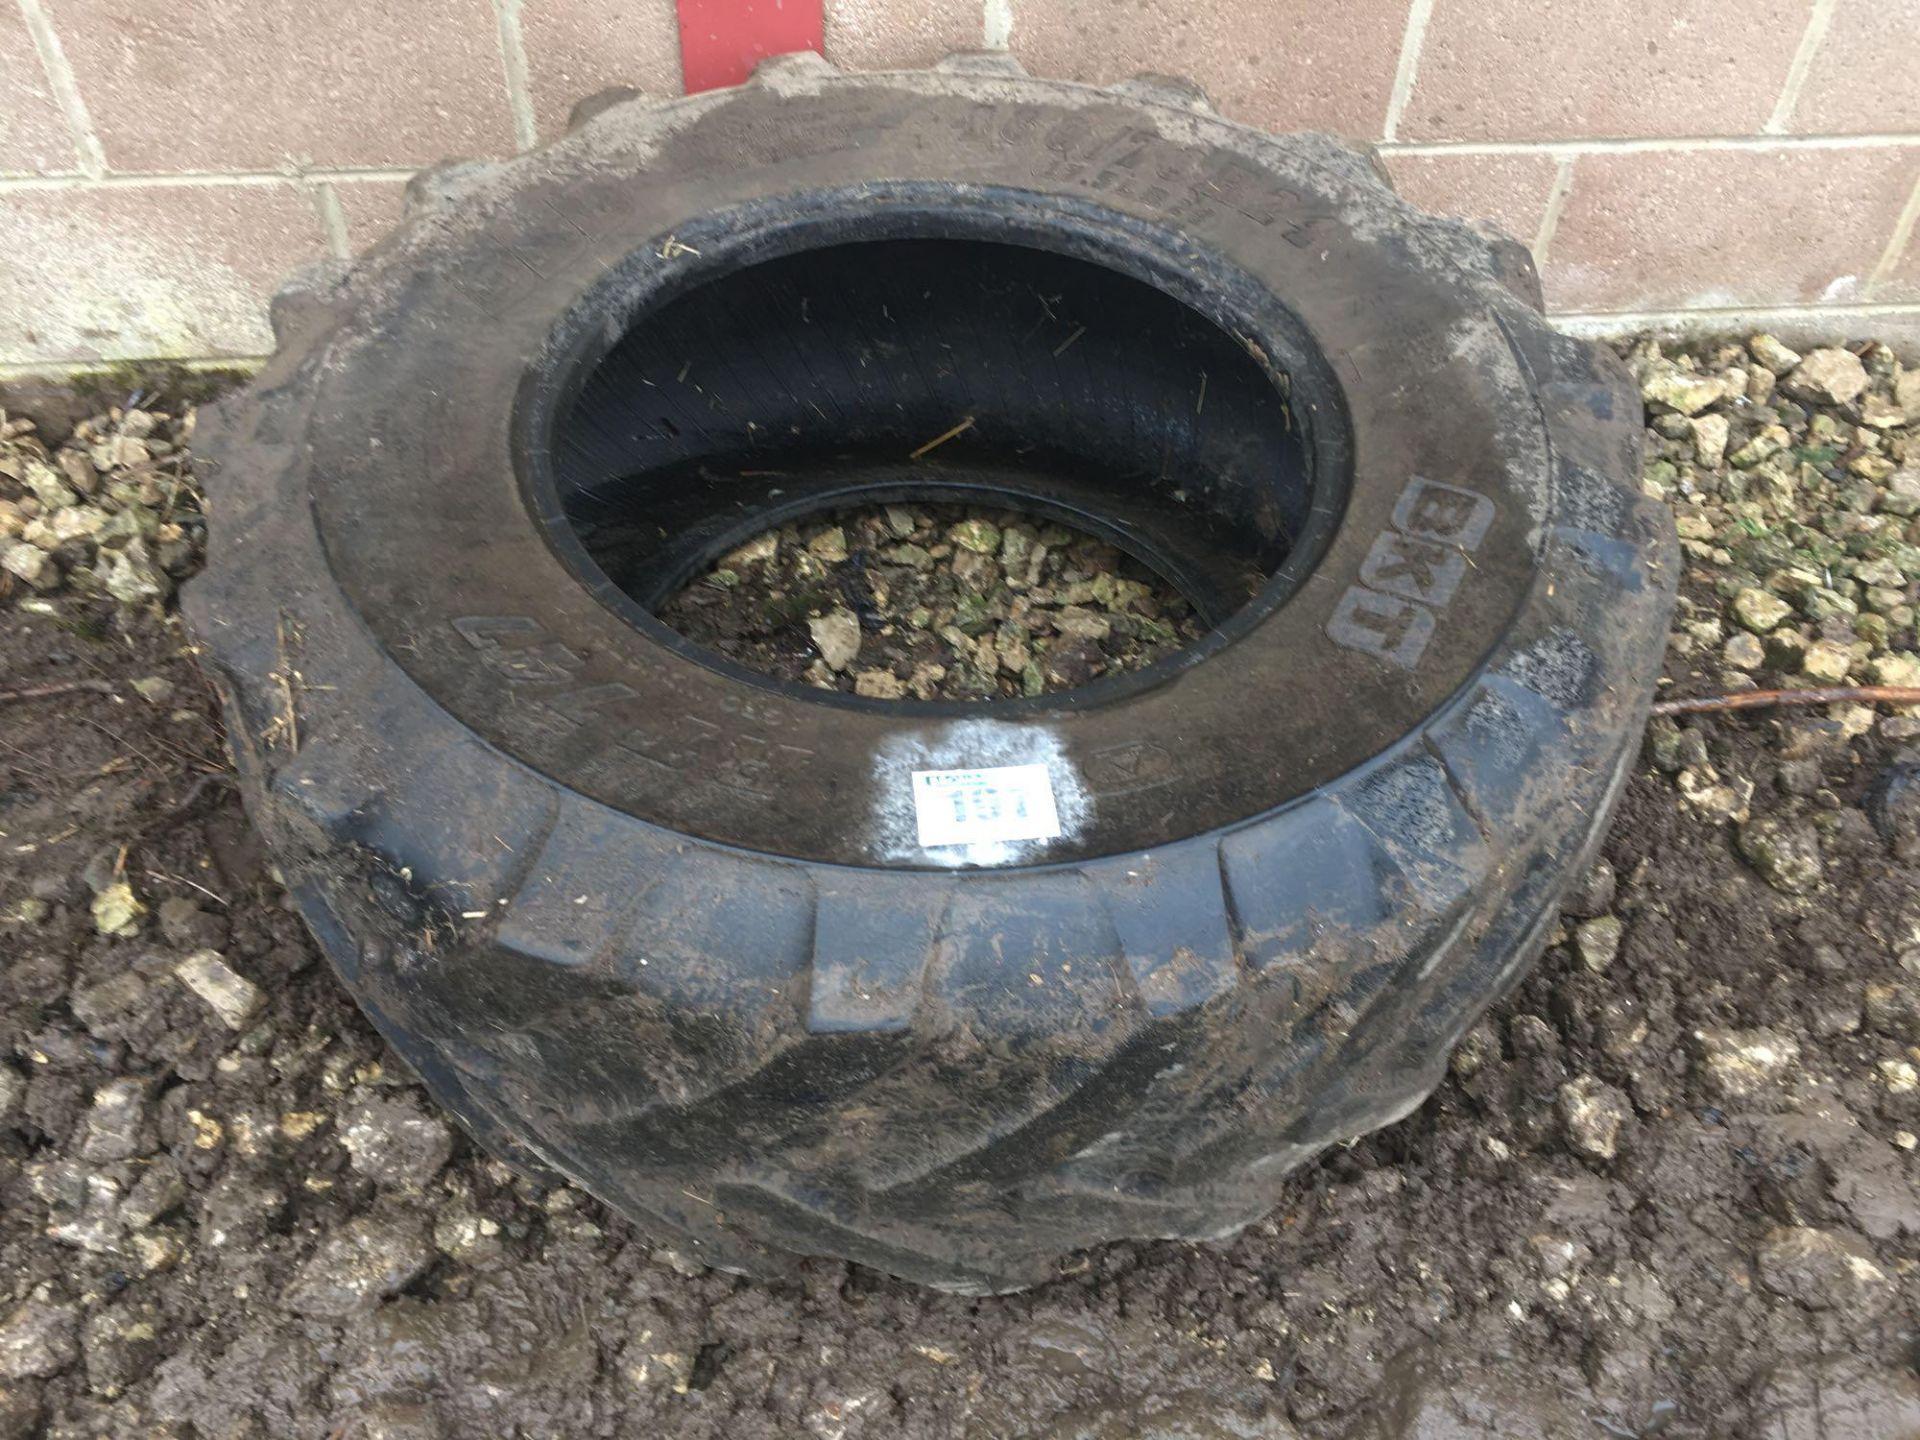 1 x BKT 460/70R24 tyre